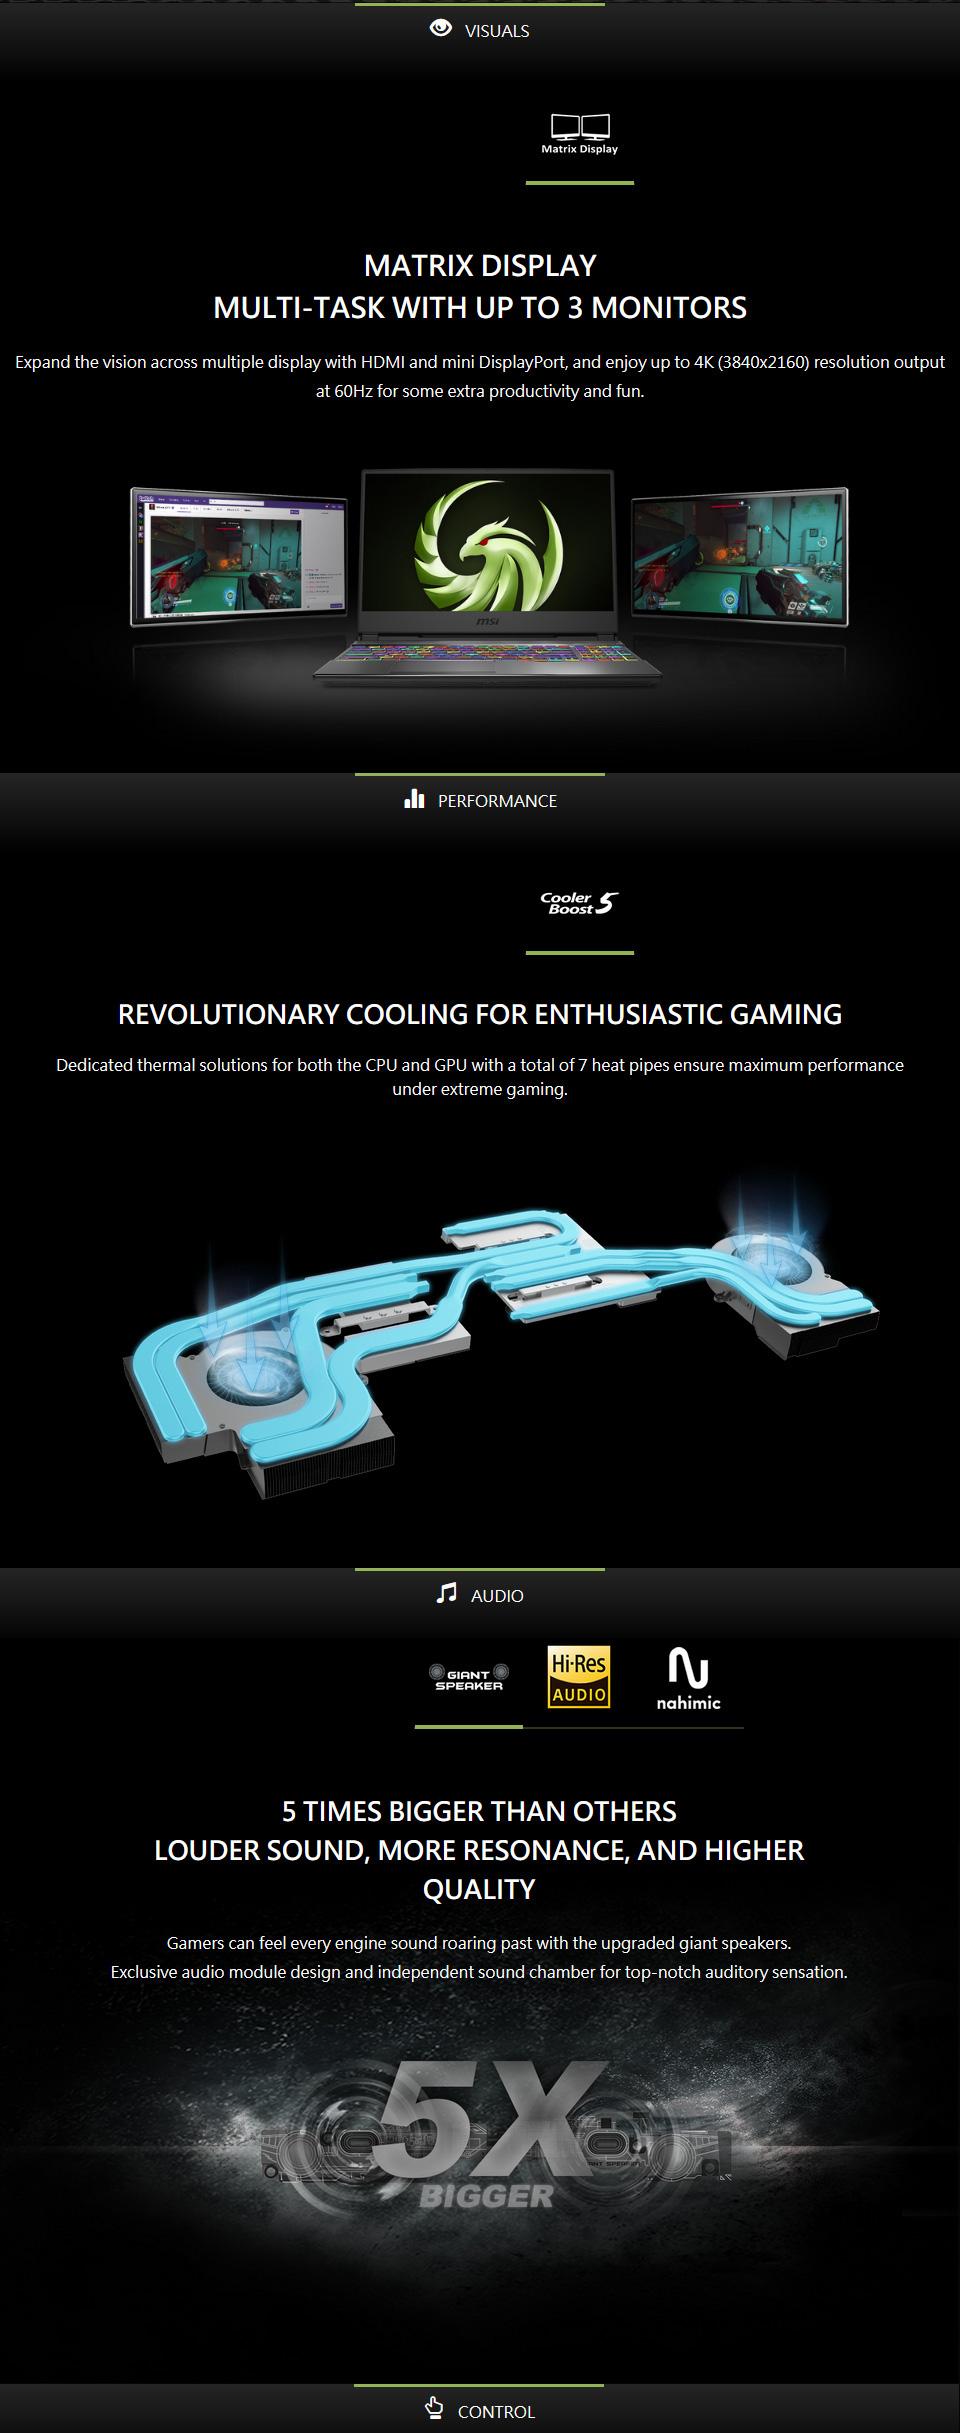 MSI Alpha AMD Ryzen 7 Radeon RX 5500M 15.6in 120Hz Laptop features 2